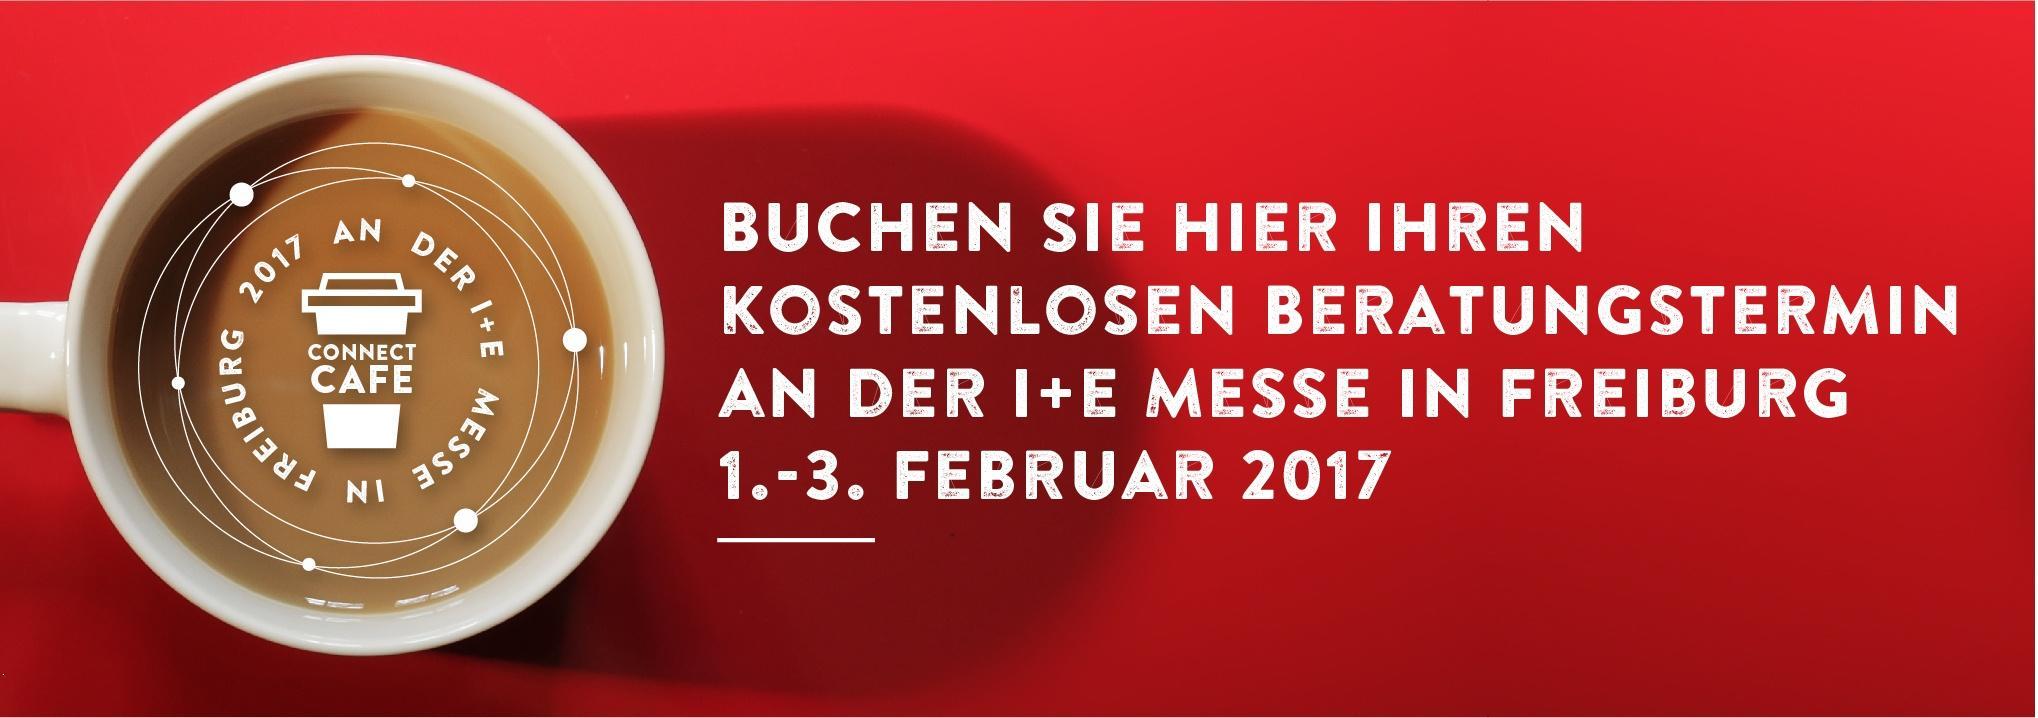 Buchen Sie hier Ihren kostenlosen Beratungstermin an der i+e Messe in Freiburg 1.-3. Februar 2017